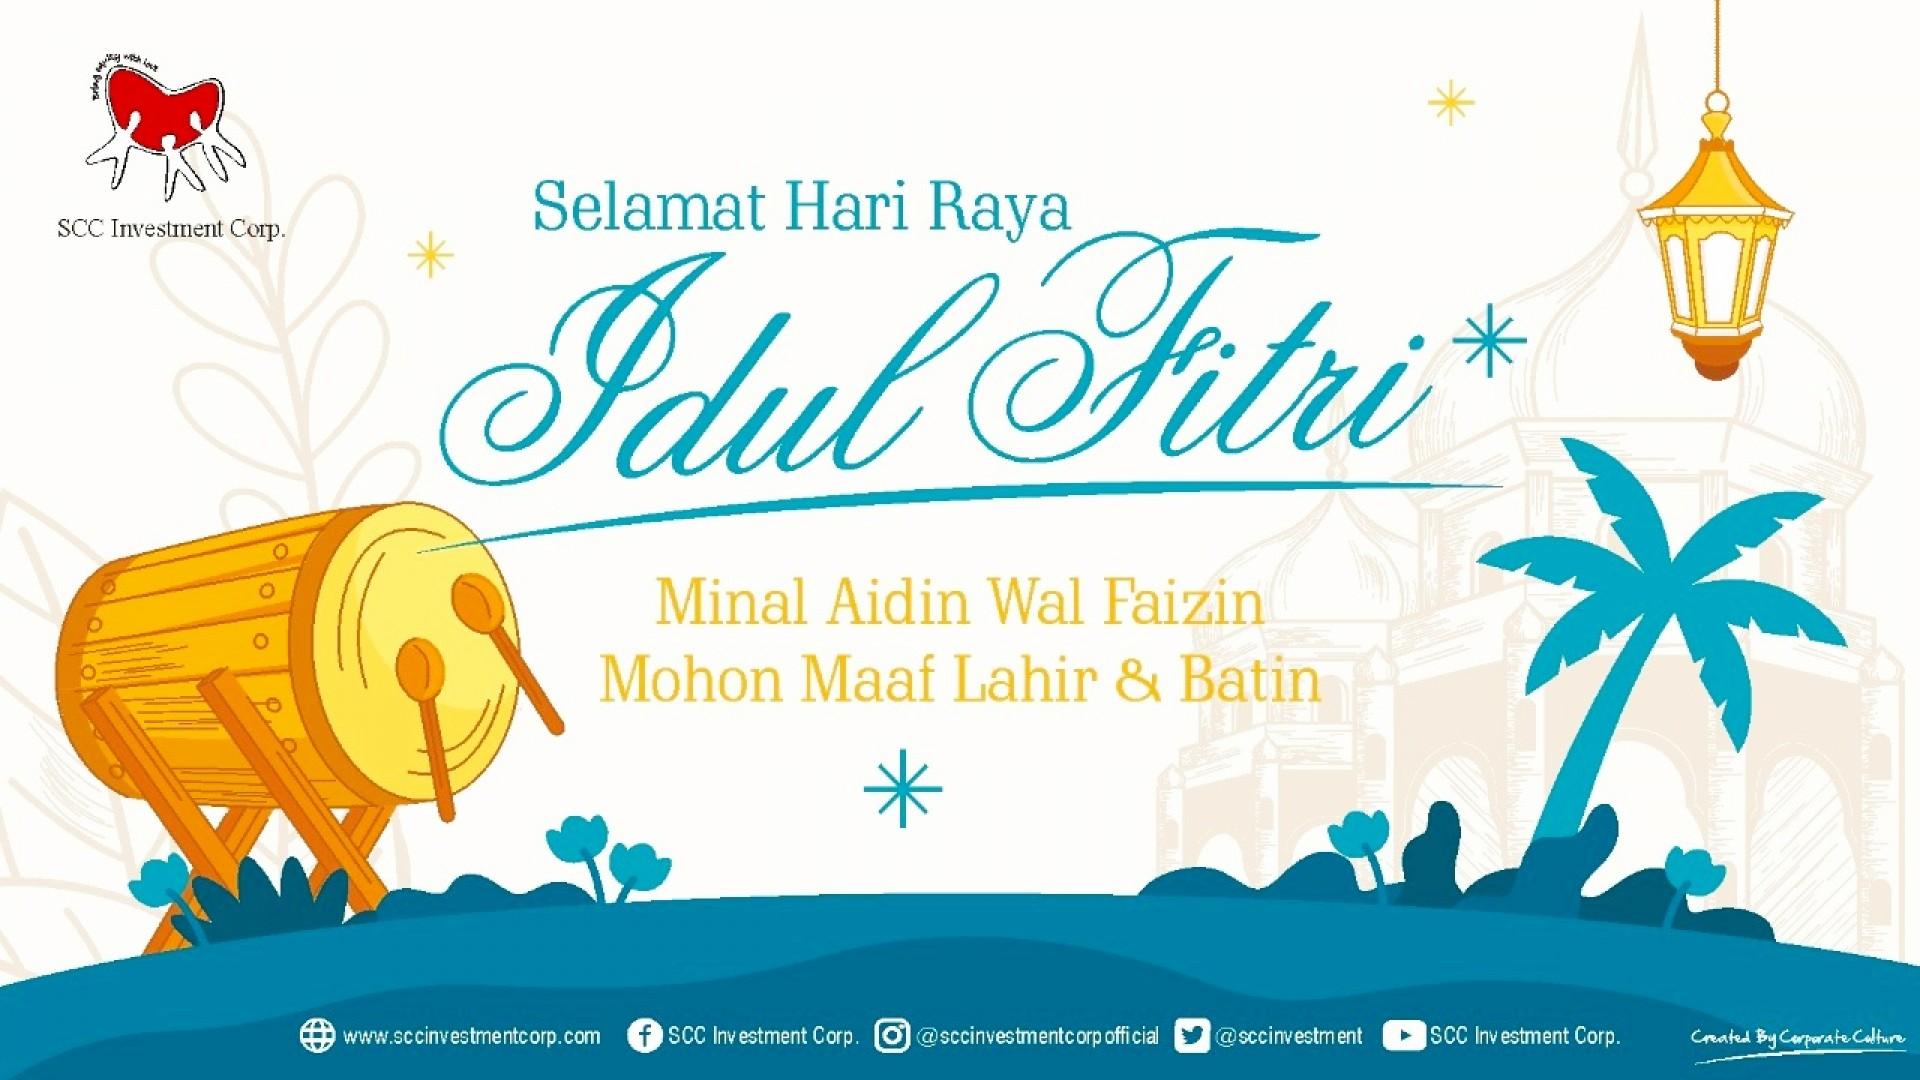 Selamat Hari Raya Idul Fitri 1 Syawal 1442 H.